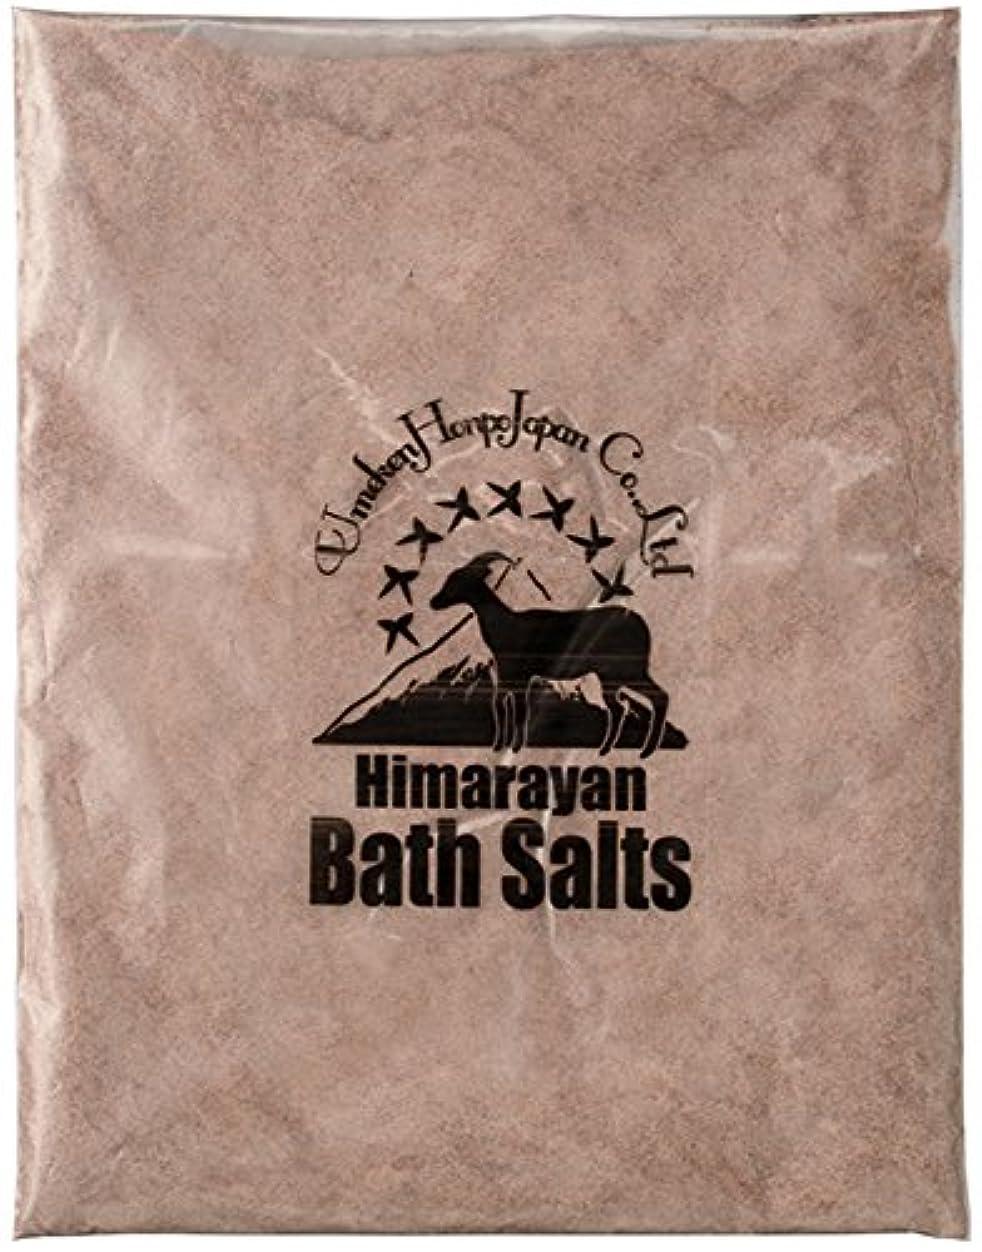 スクラップたっぷり悪質なヒマラヤ岩塩 バスソルト ブラック パウダー 2kg